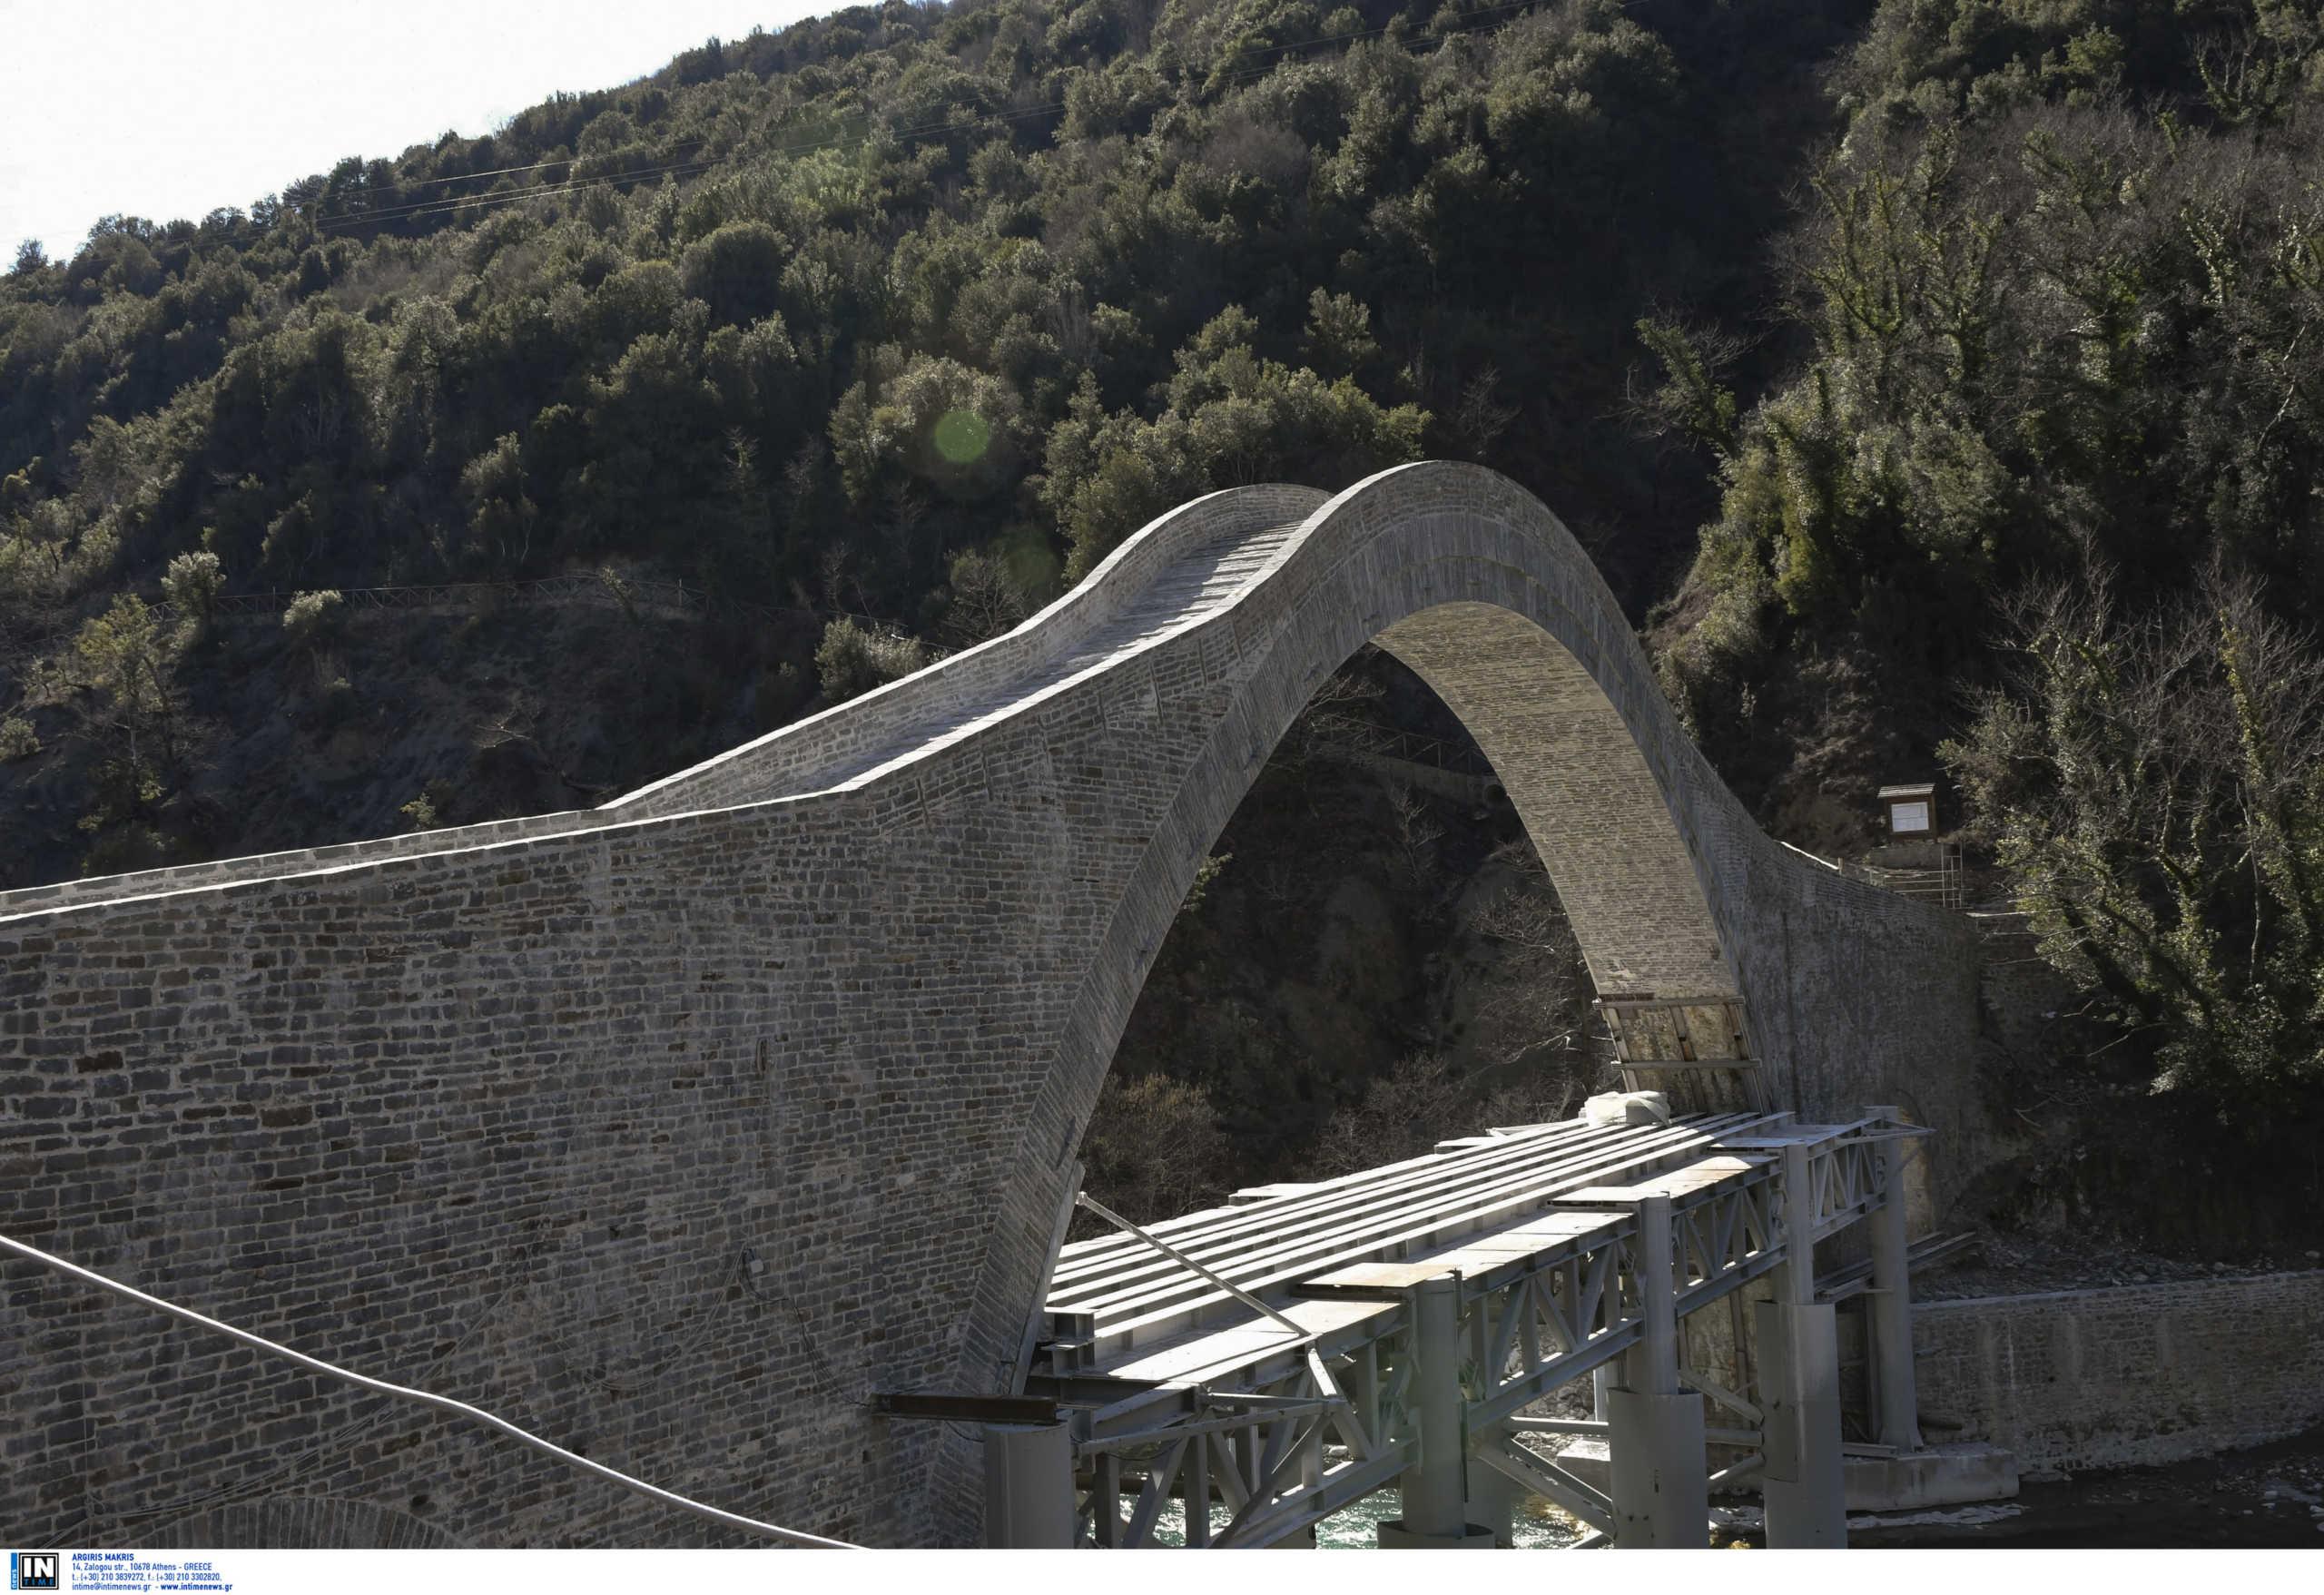 """Ήπειρος: Αποκαλυπτήρια για το γεφύρι της Πλάκας! """"Έφυγαν"""" τα μεταλλικά στηρίγματα (Φωτό)"""